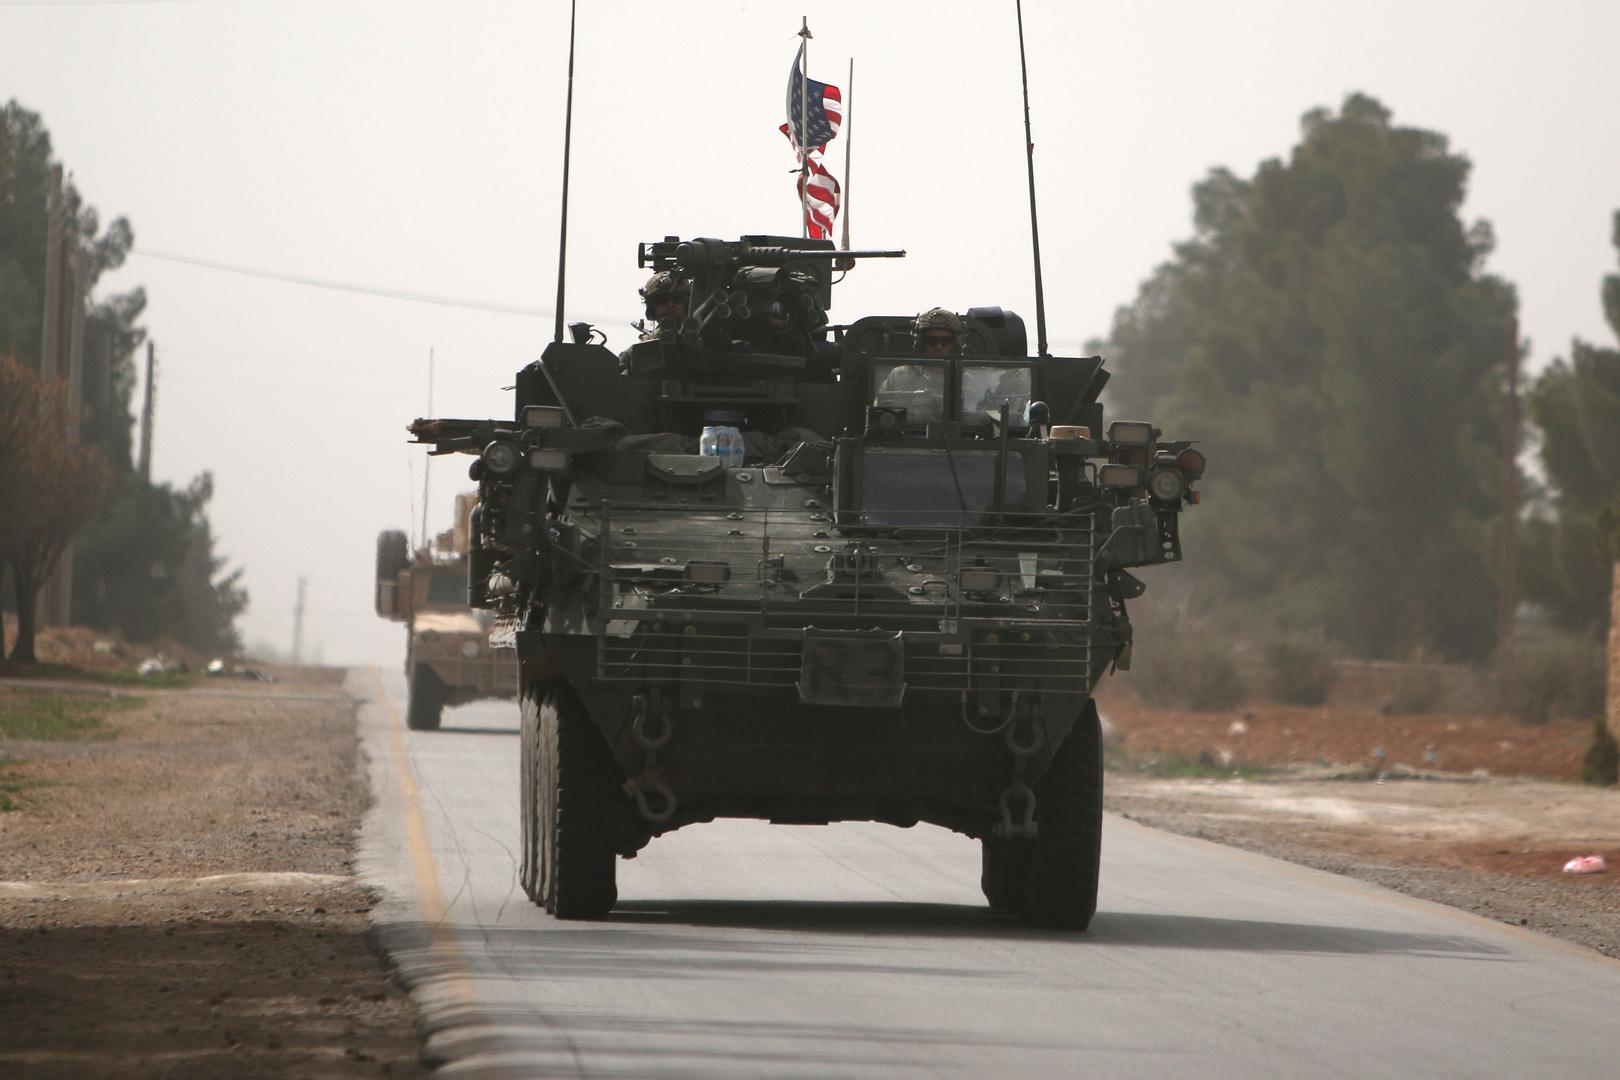 تعزيزات عسكرية أمريكية في مناطق آبار النفط السورية